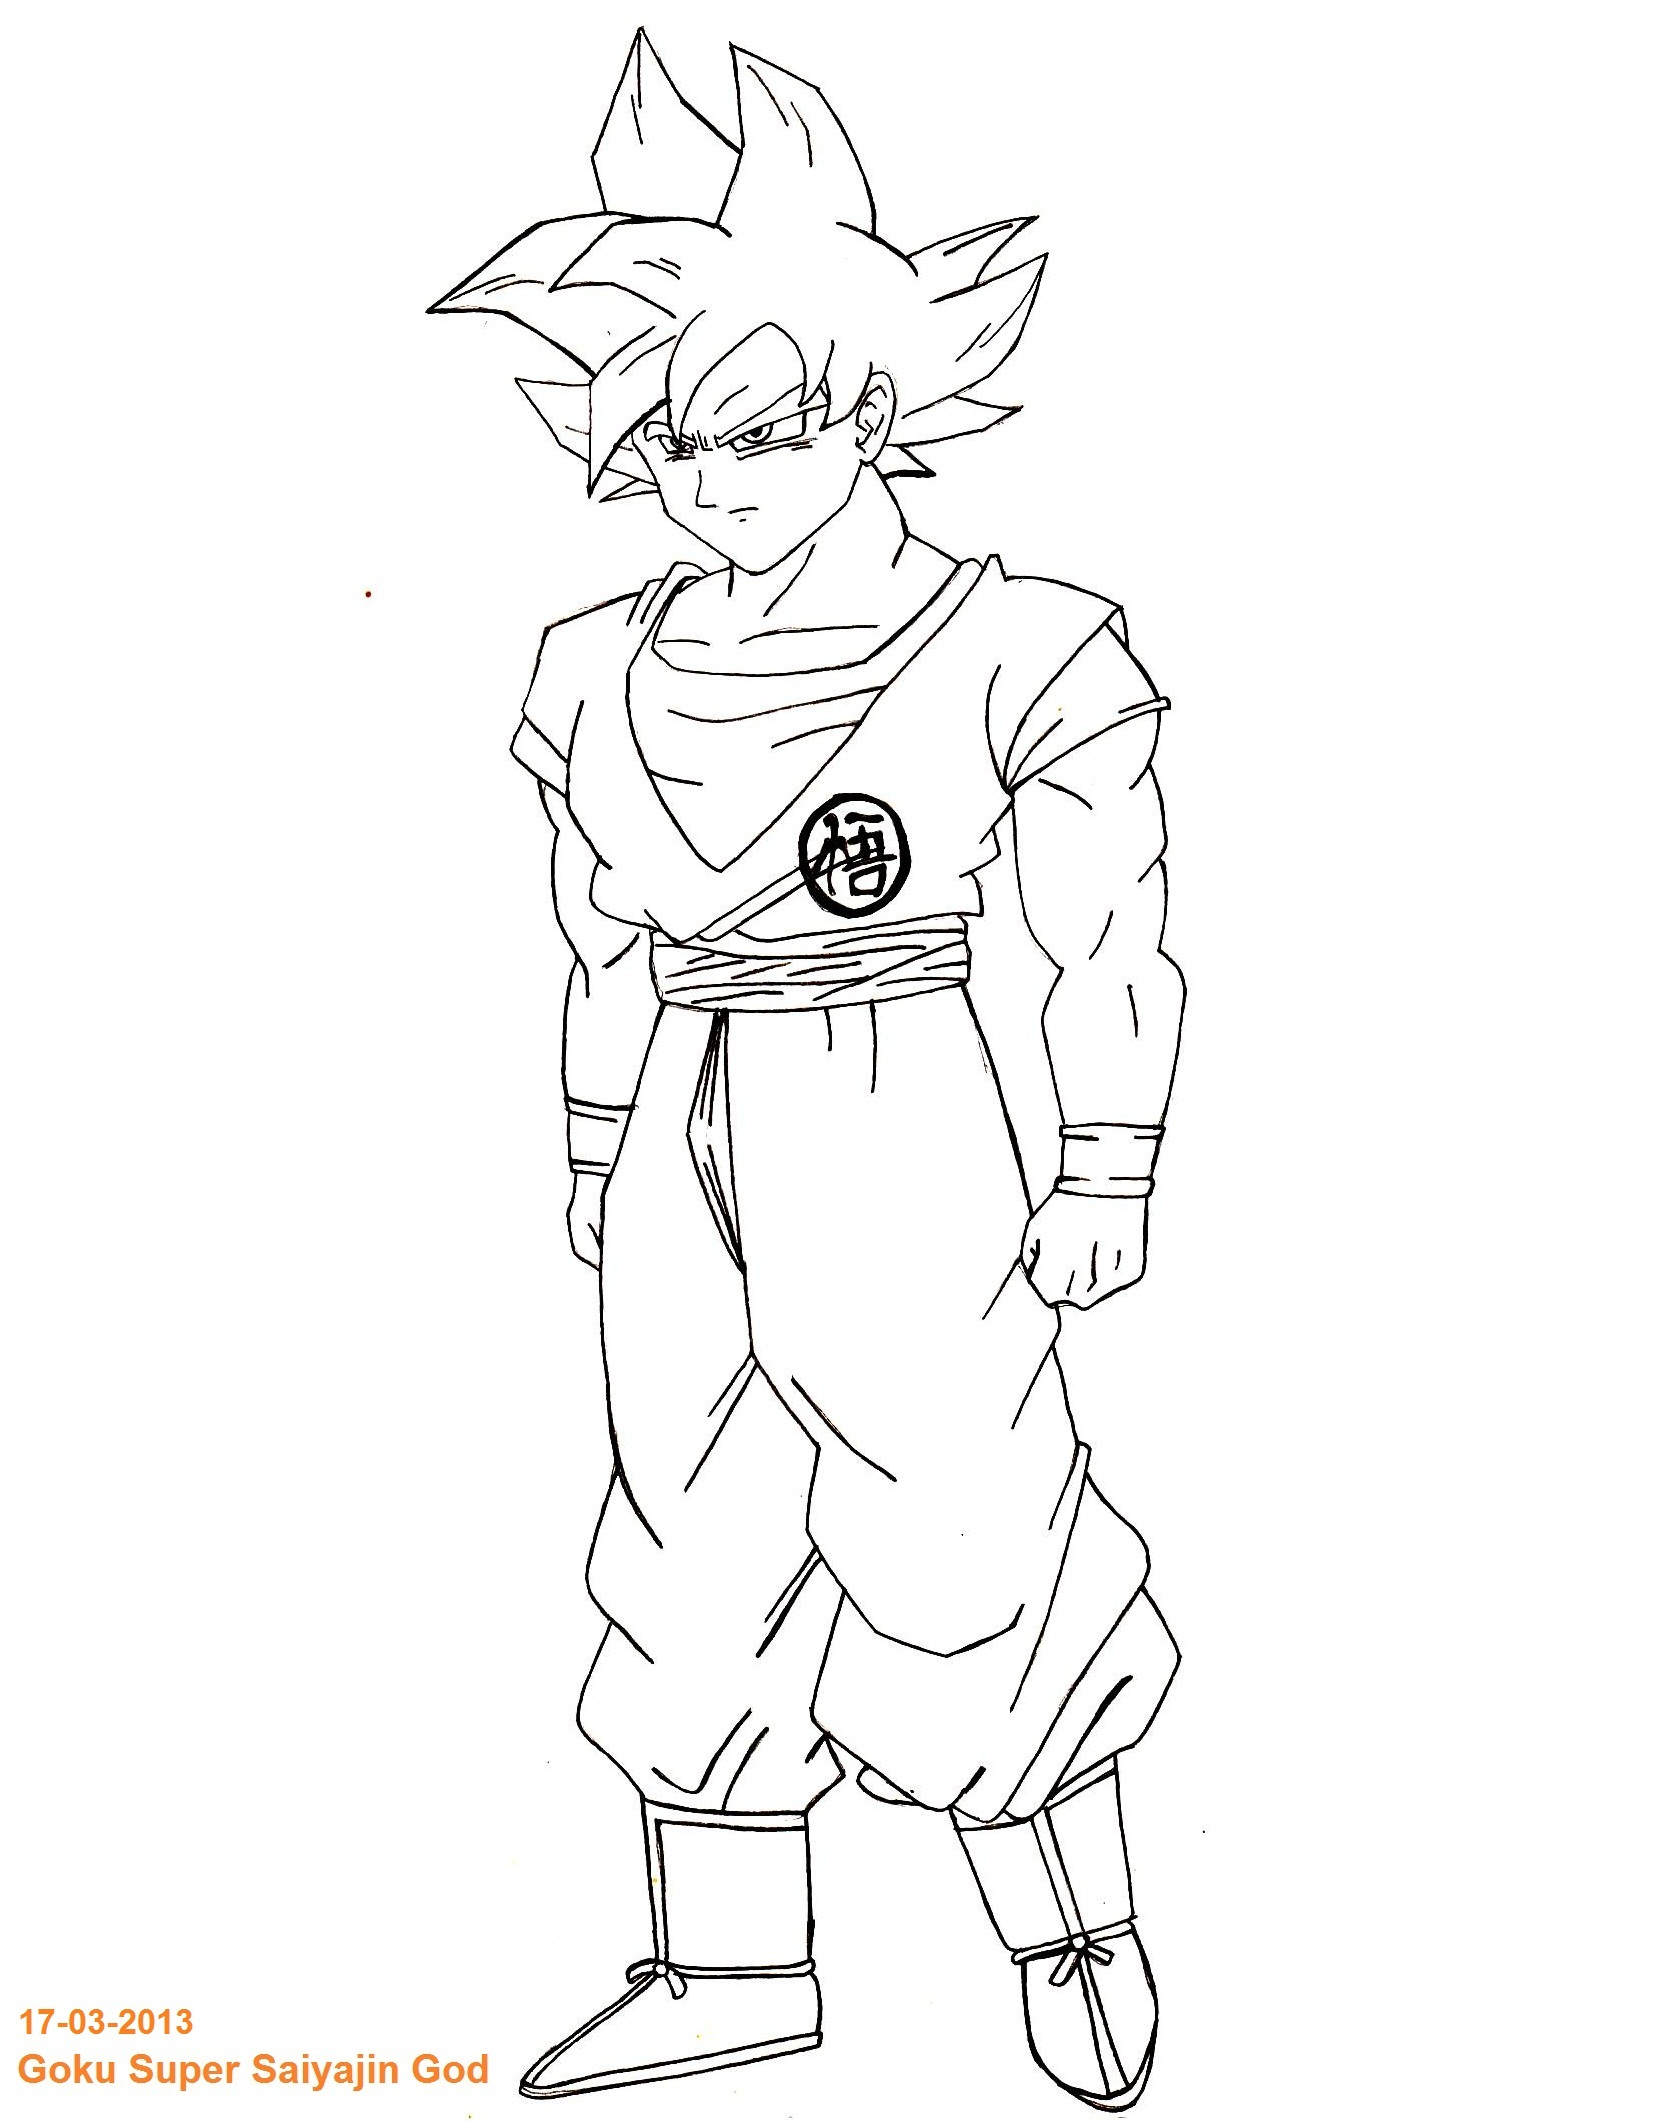 Goku Super Saiyan God By Fher85 Goku Super Saiyan God By Fher85